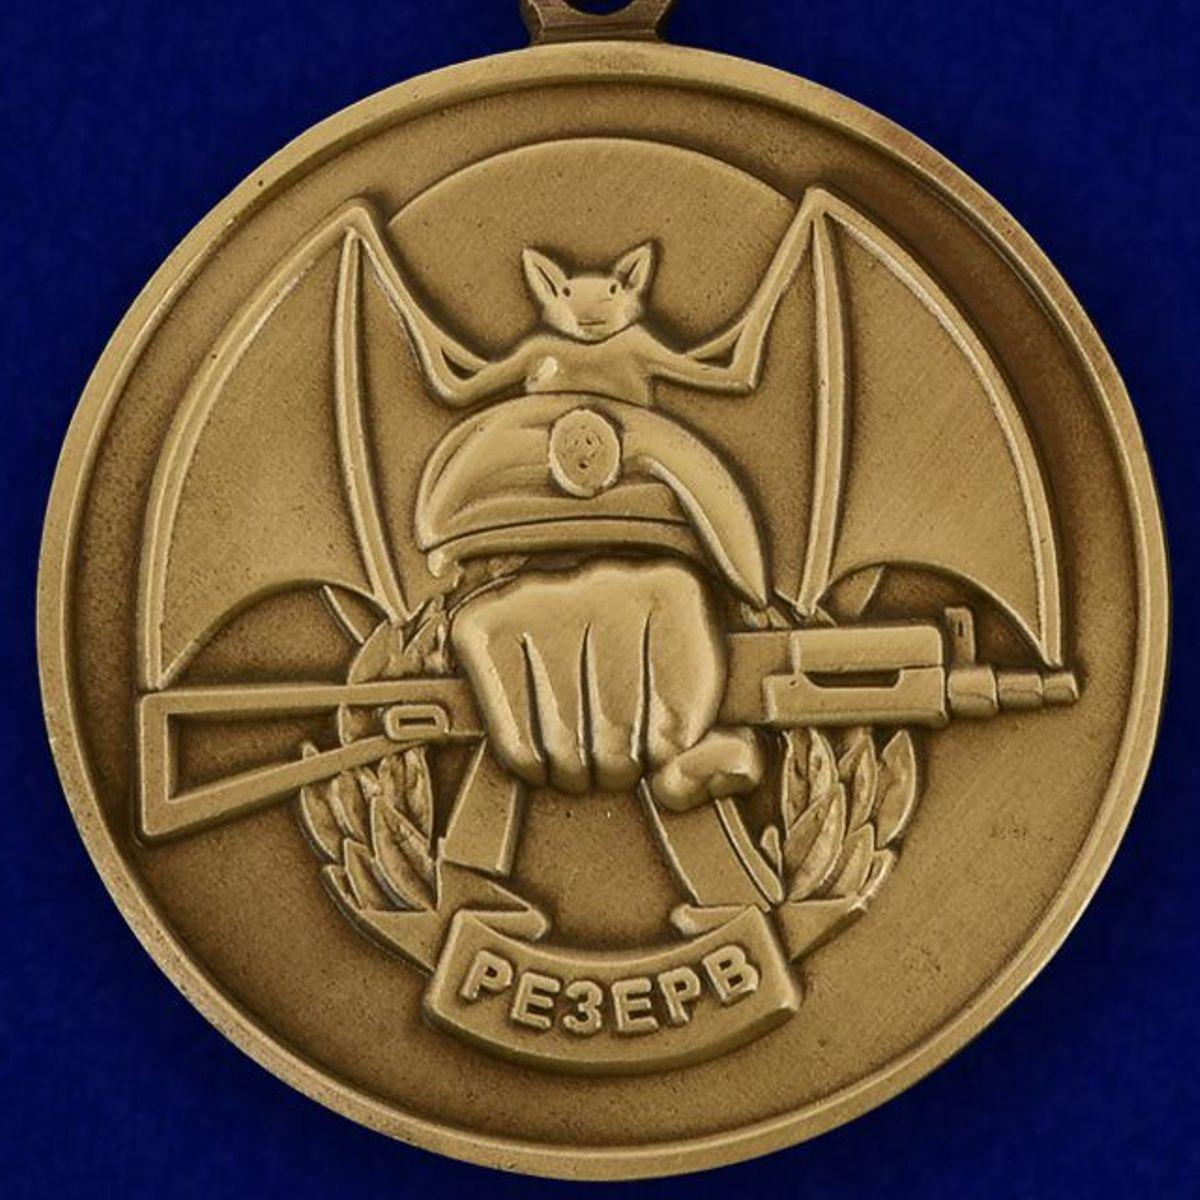 """Общественная медаль Ассоциации Ветеранов Спецназа """"Резерв"""""""